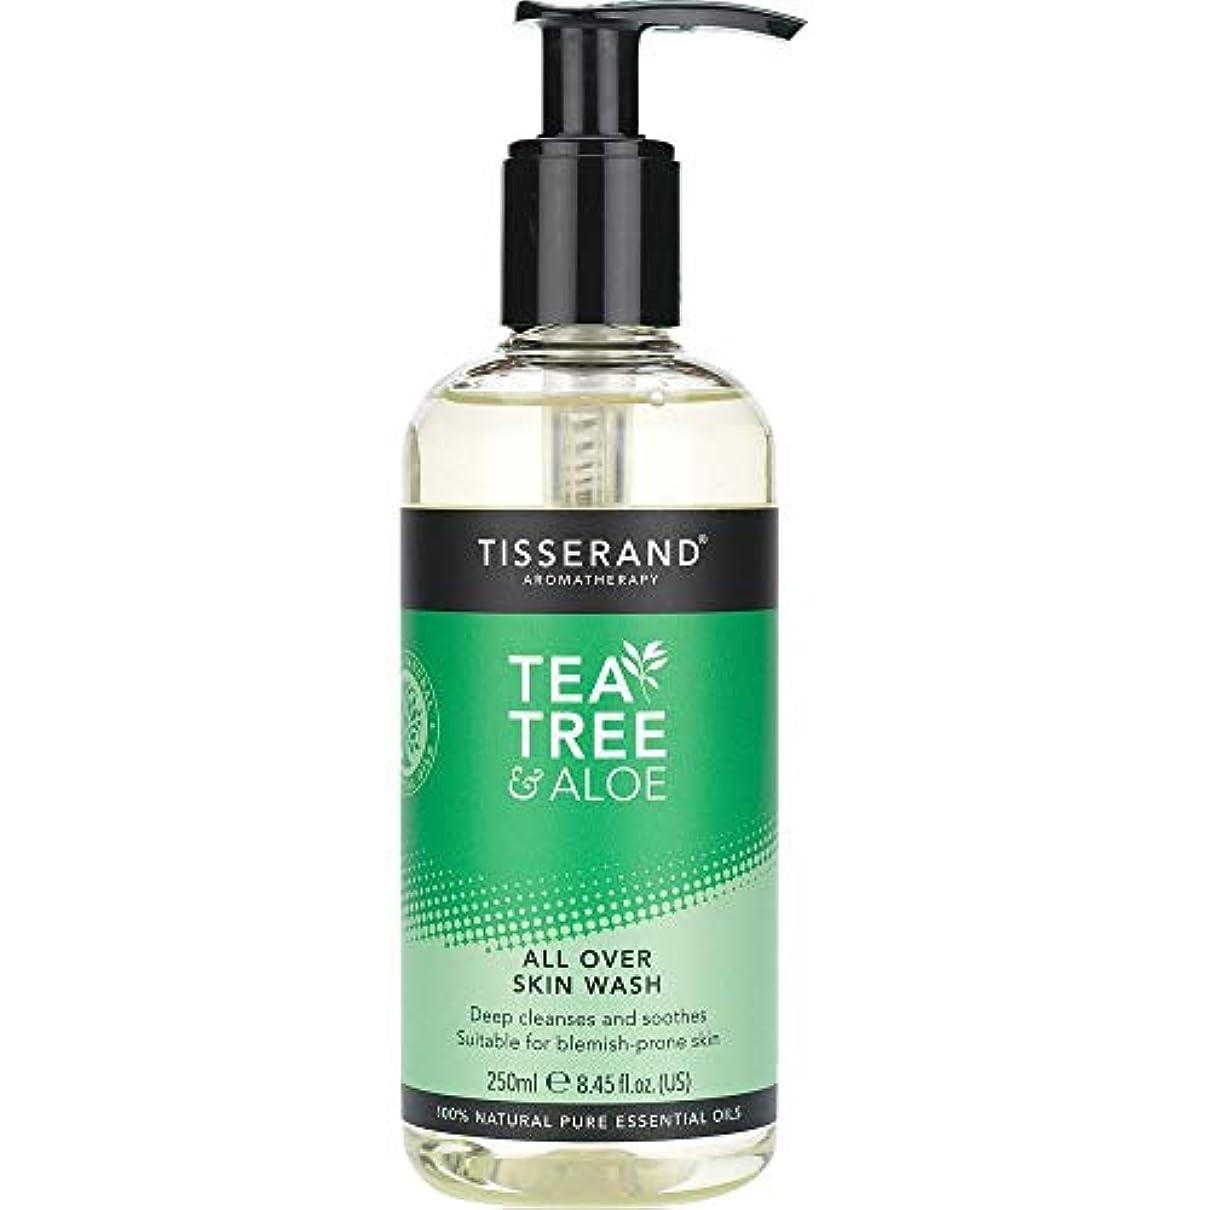 謎めいた人柄休憩[Tisserand] すべての肌ウォッシュ250ミリリットルを超えるティスランドティーツリー&アロエ - Tisserand Tea Tree & Aloe All Over Skin Wash 250ml [並行輸入品]